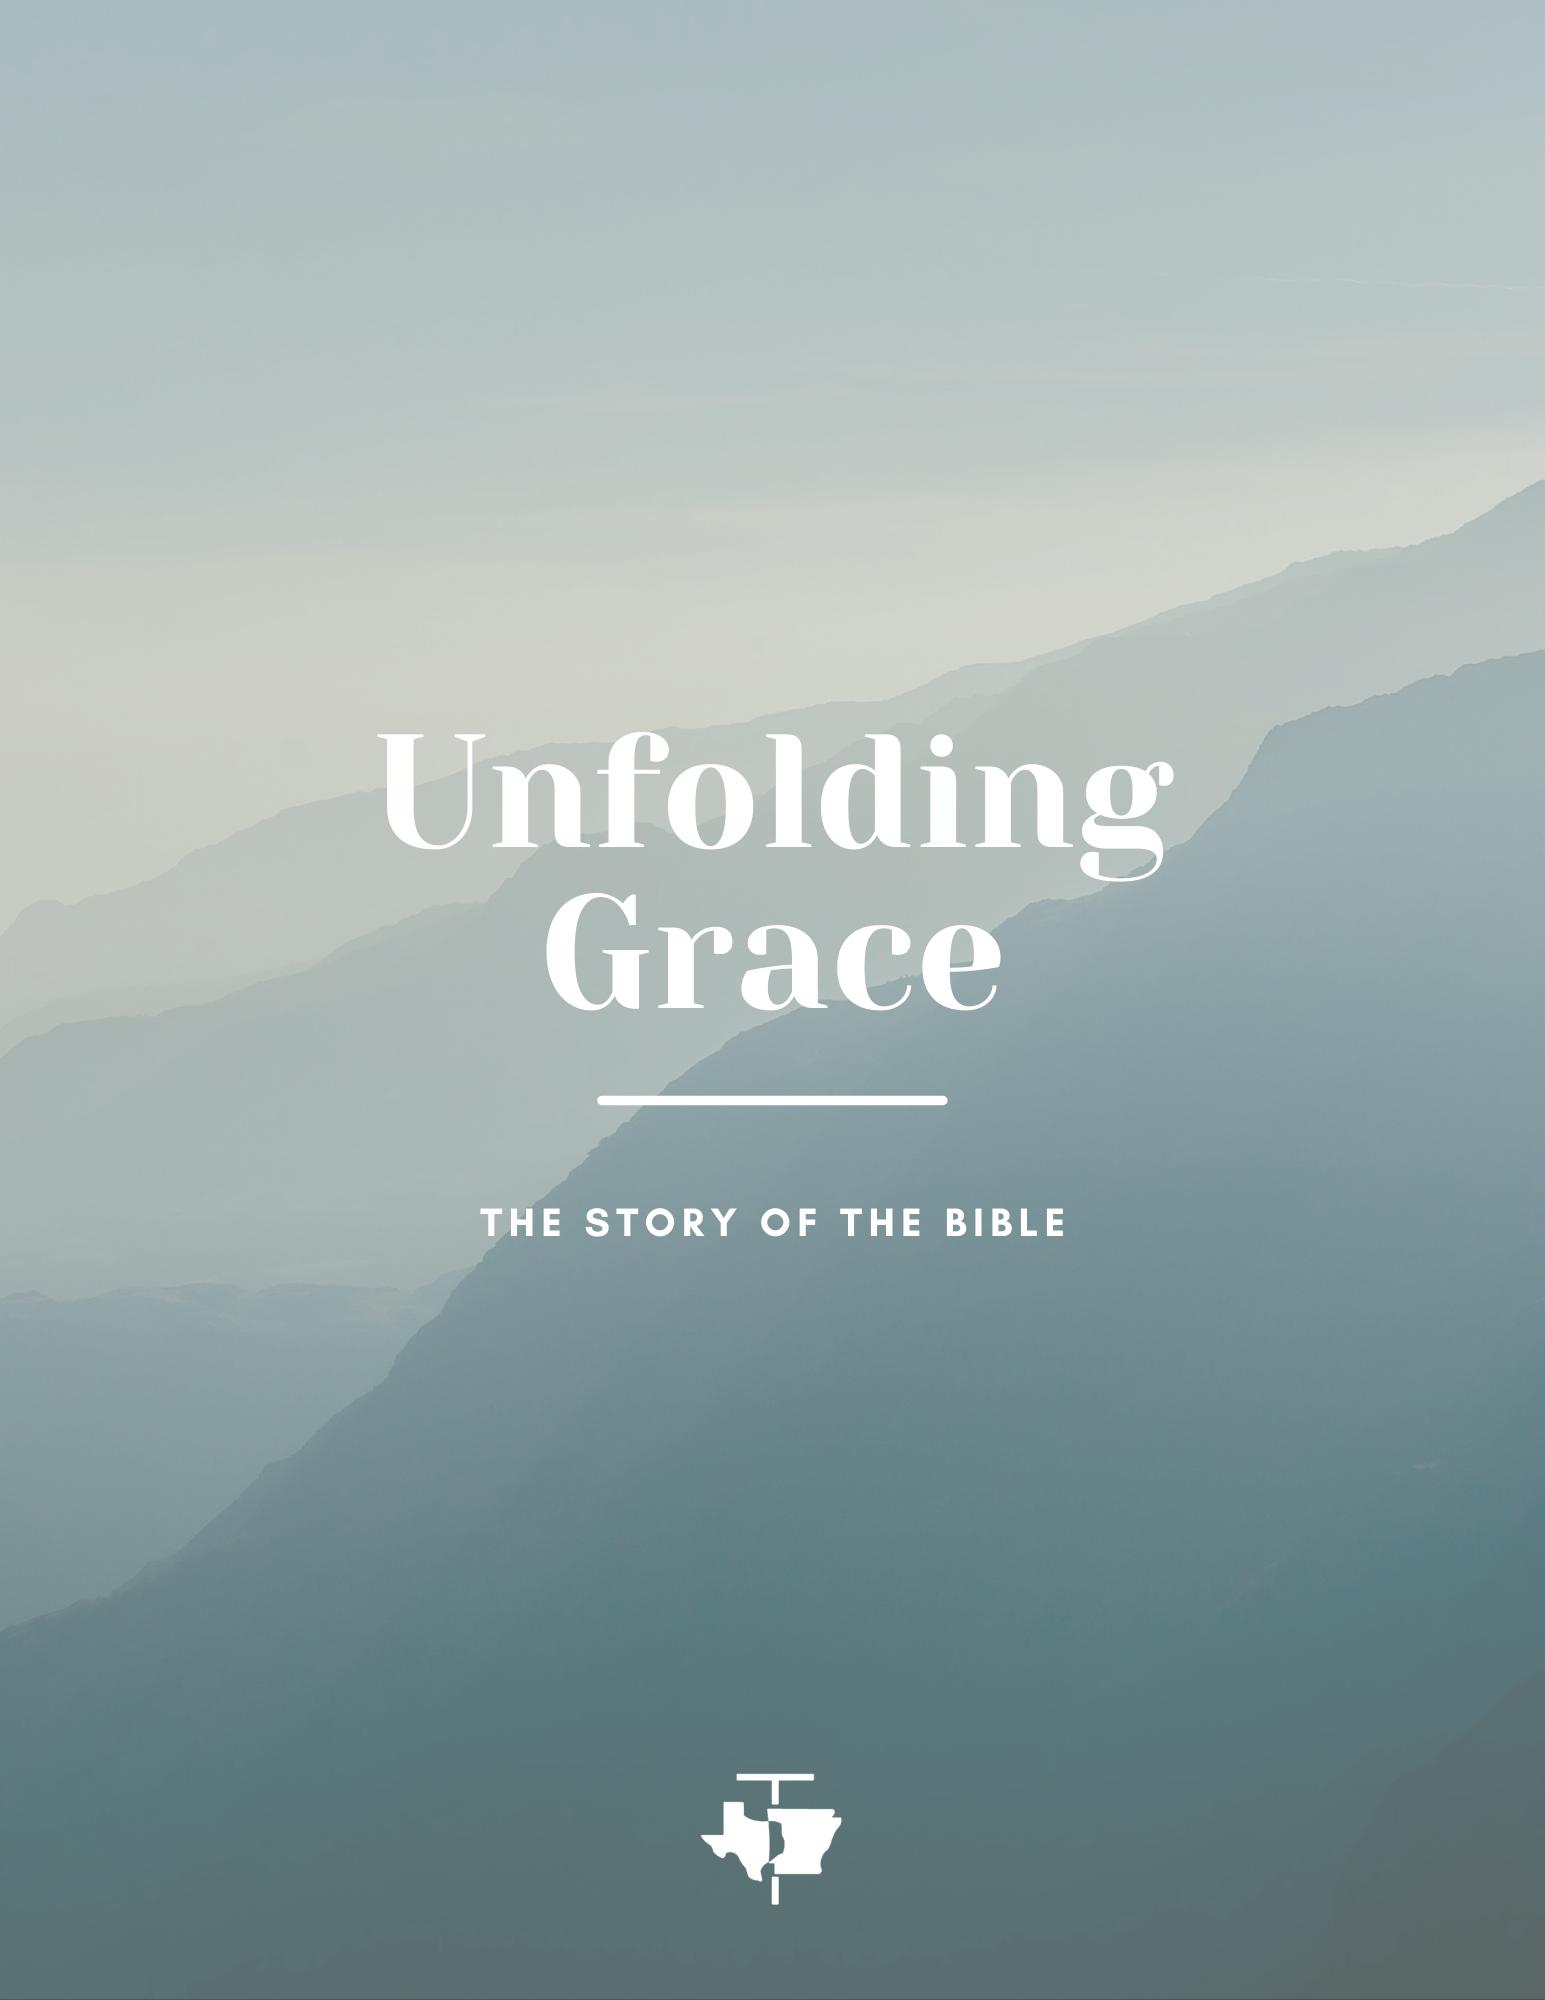 unfolding-grace.png